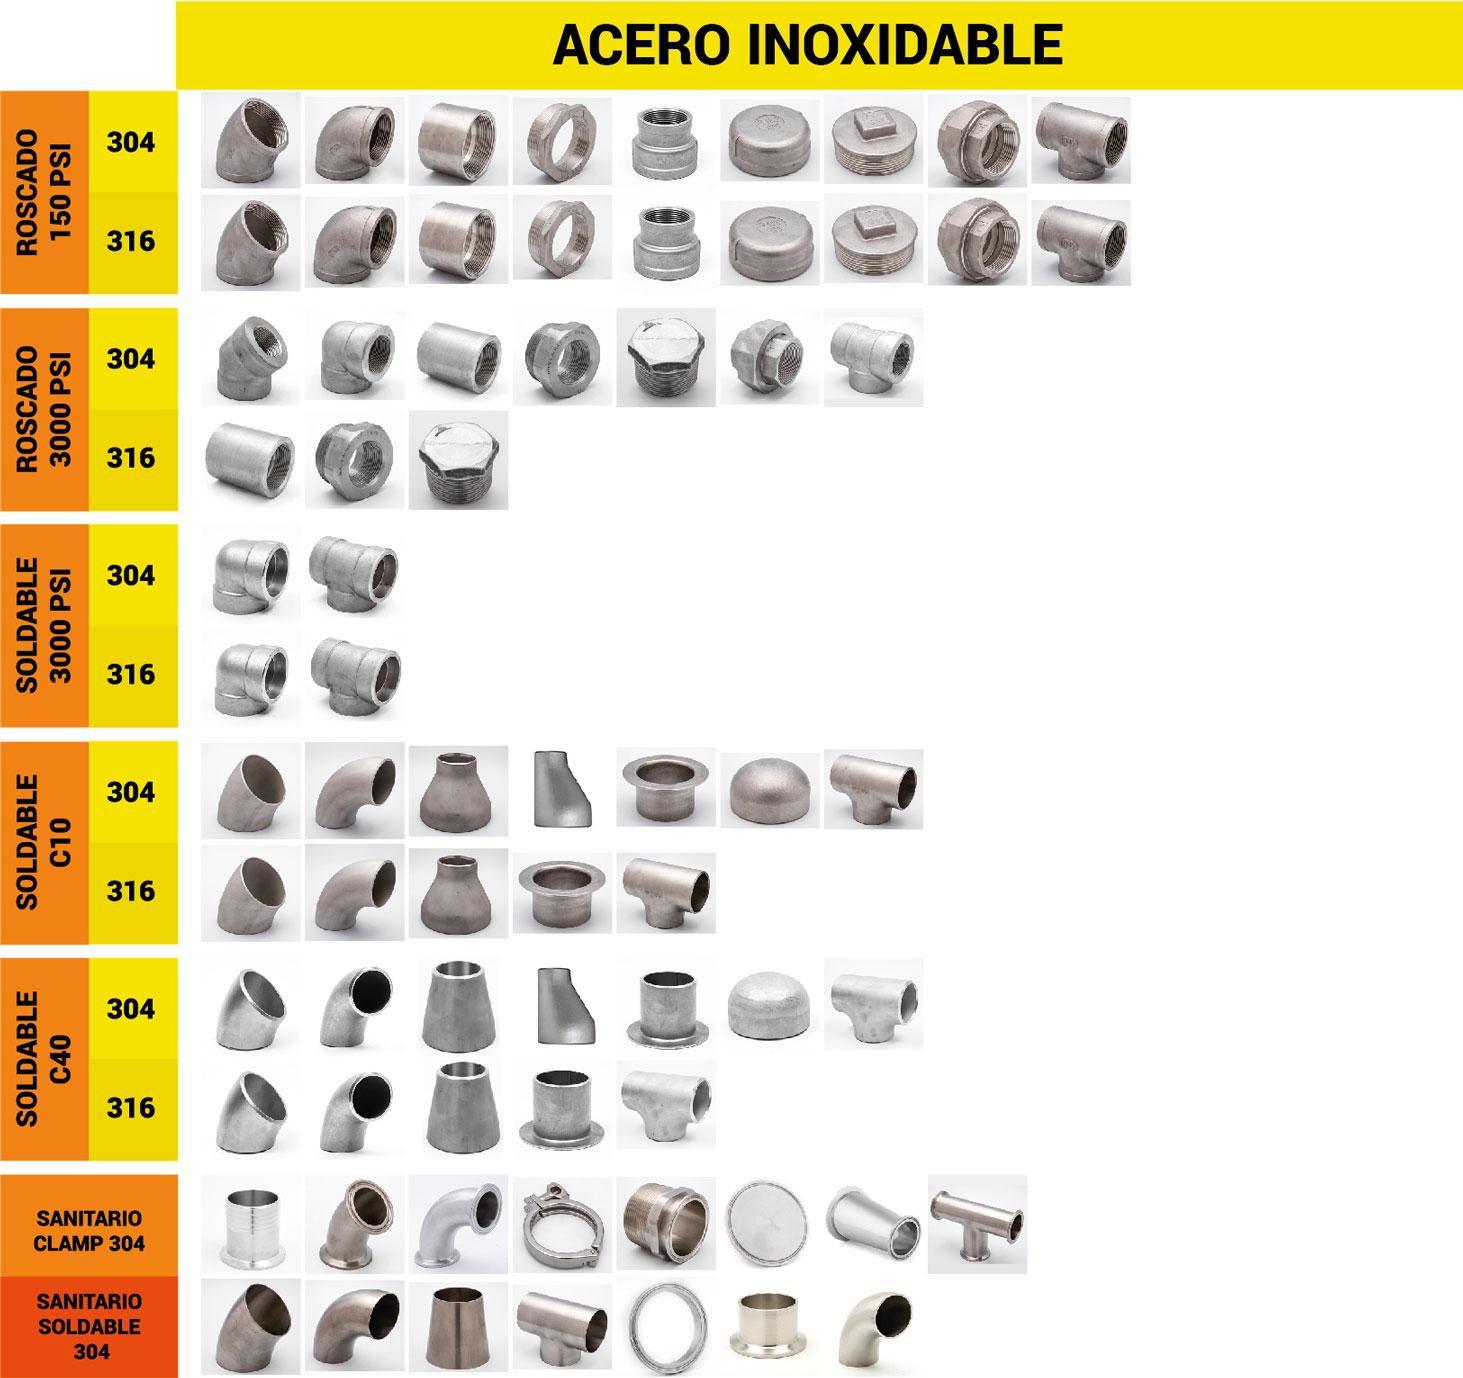 CONEXIONES DE ACERO INOXIDABLE